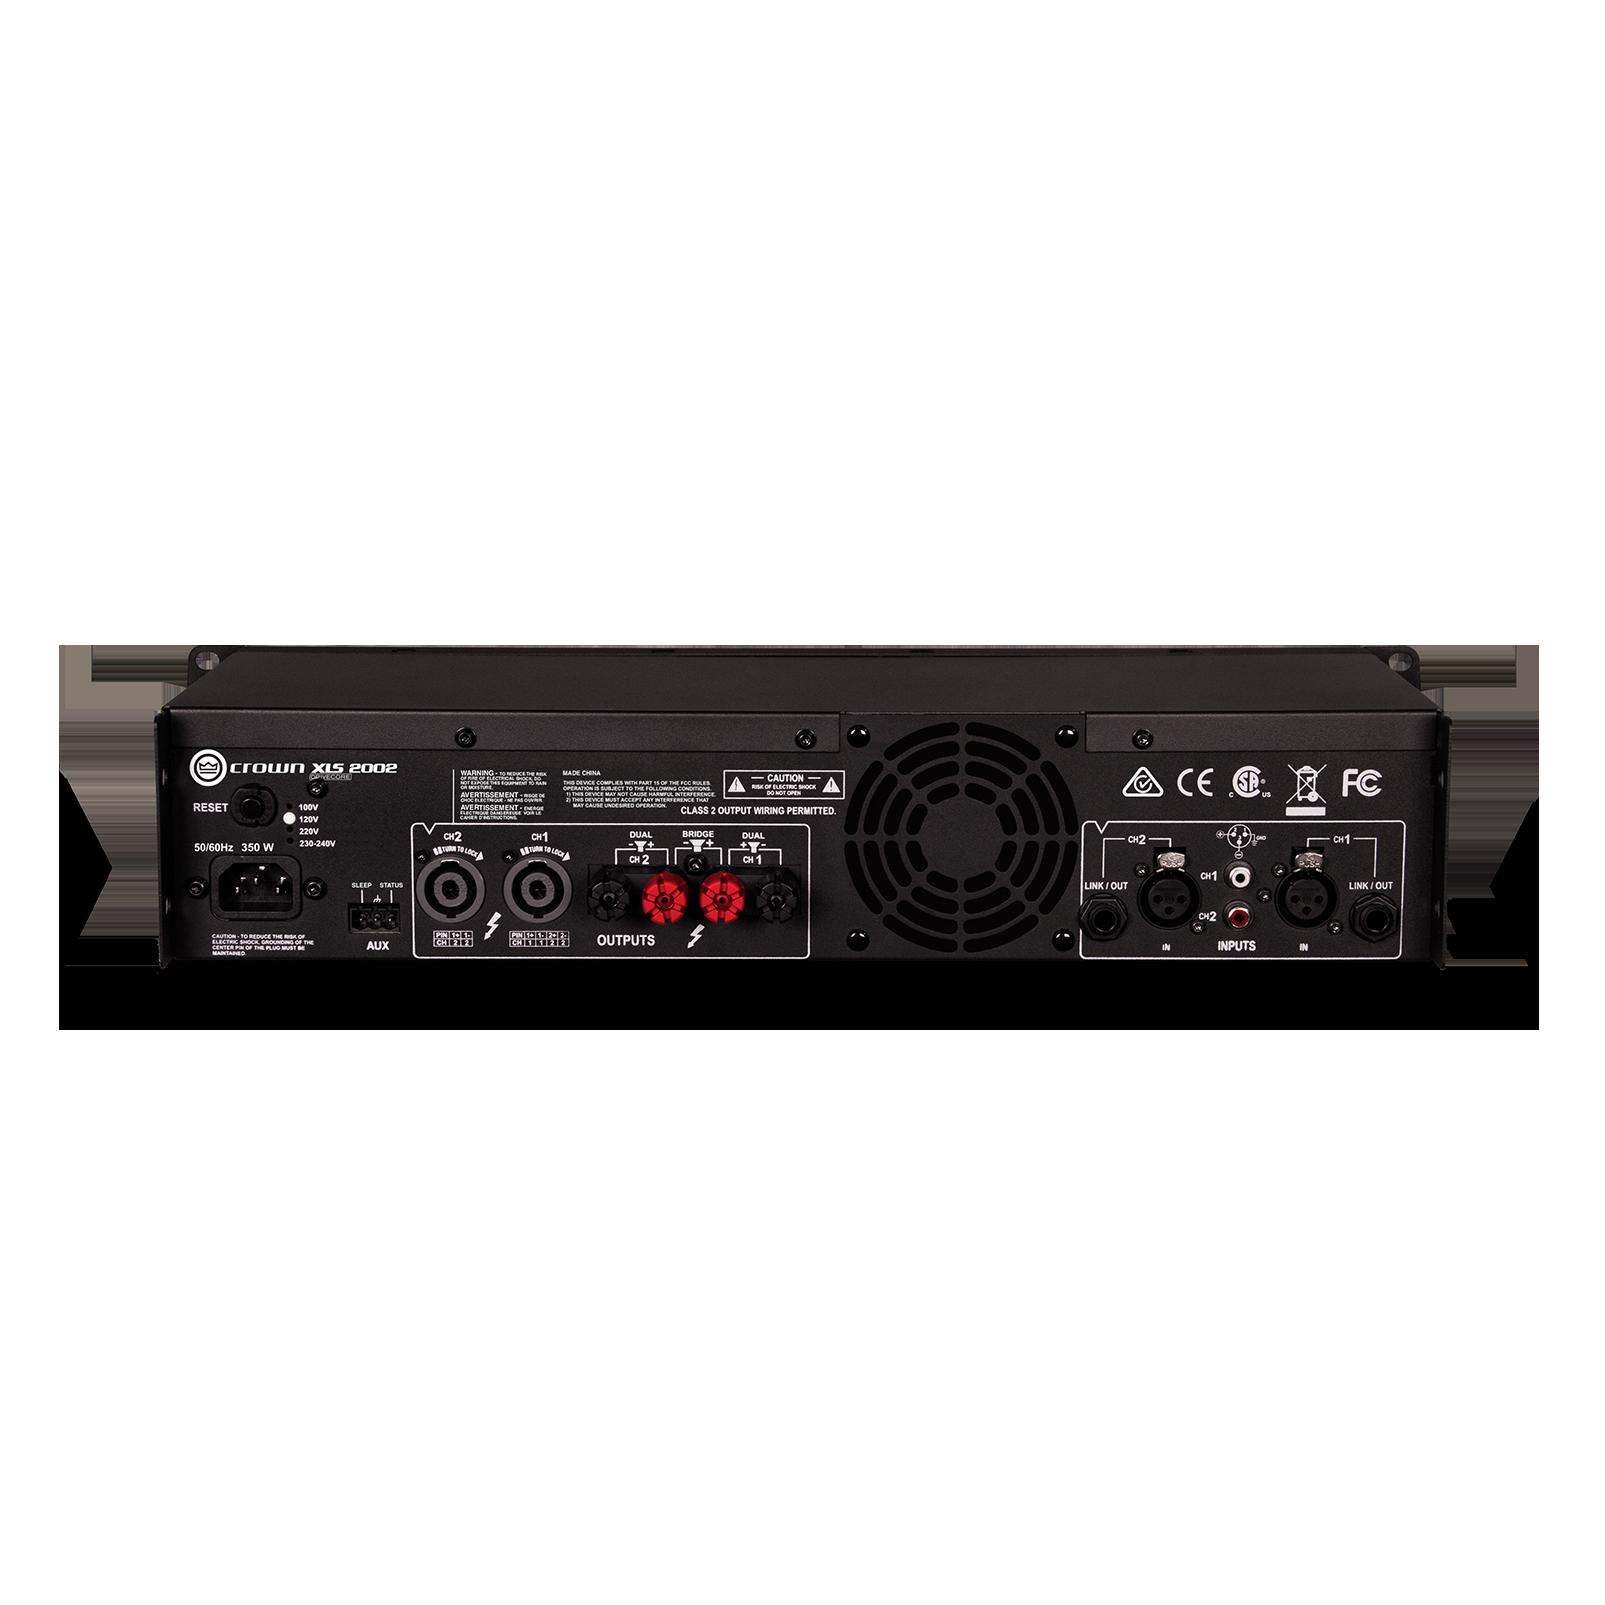 XLS 2002 - Black - Two-channel, 650W @ 4Ω power amplifier - Back